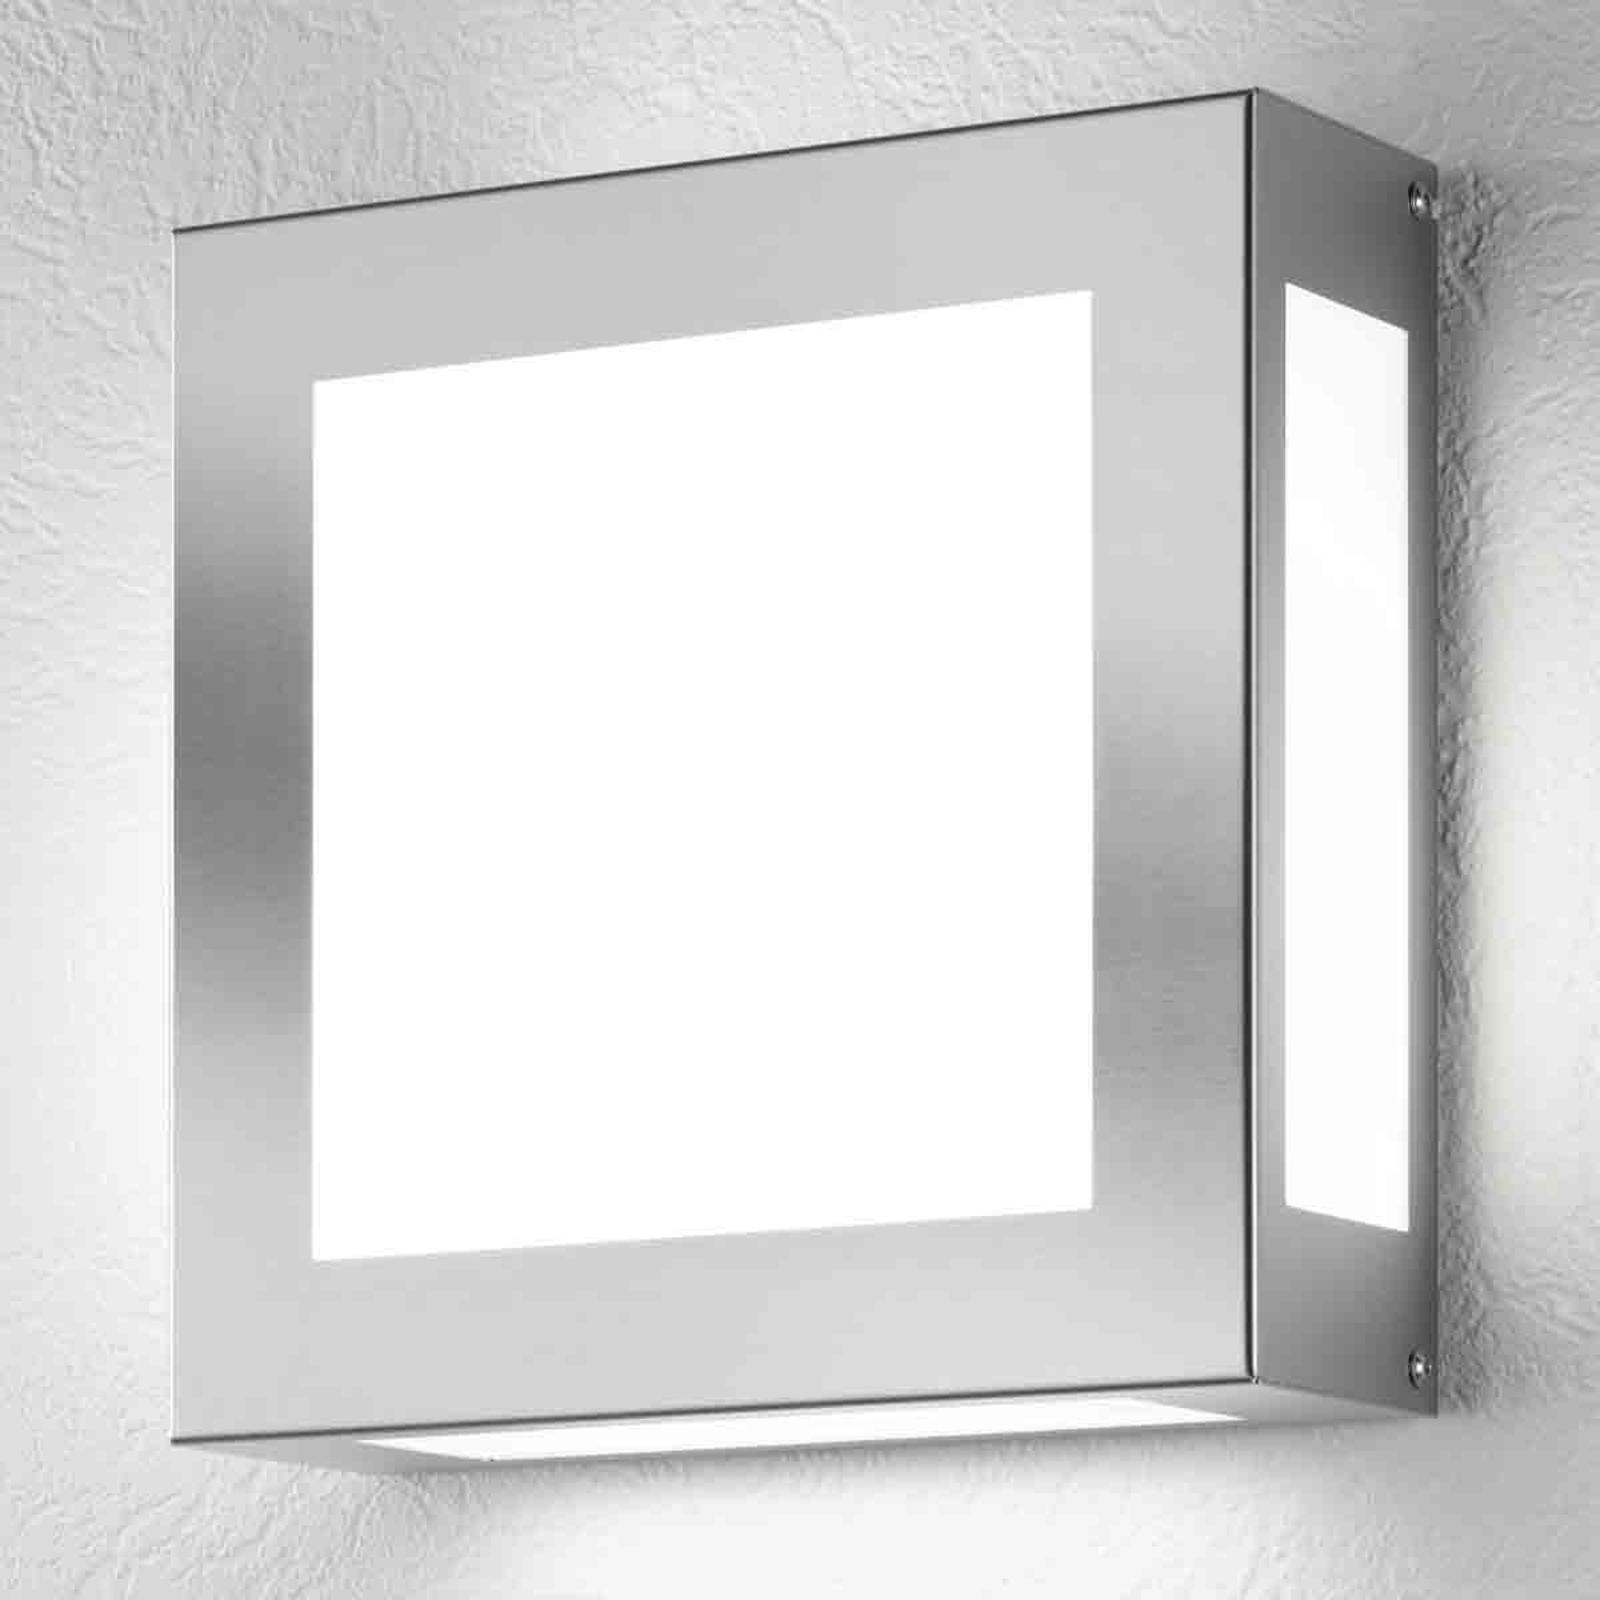 Eenvoudige buitenwandlamp Legendo zonder sensor